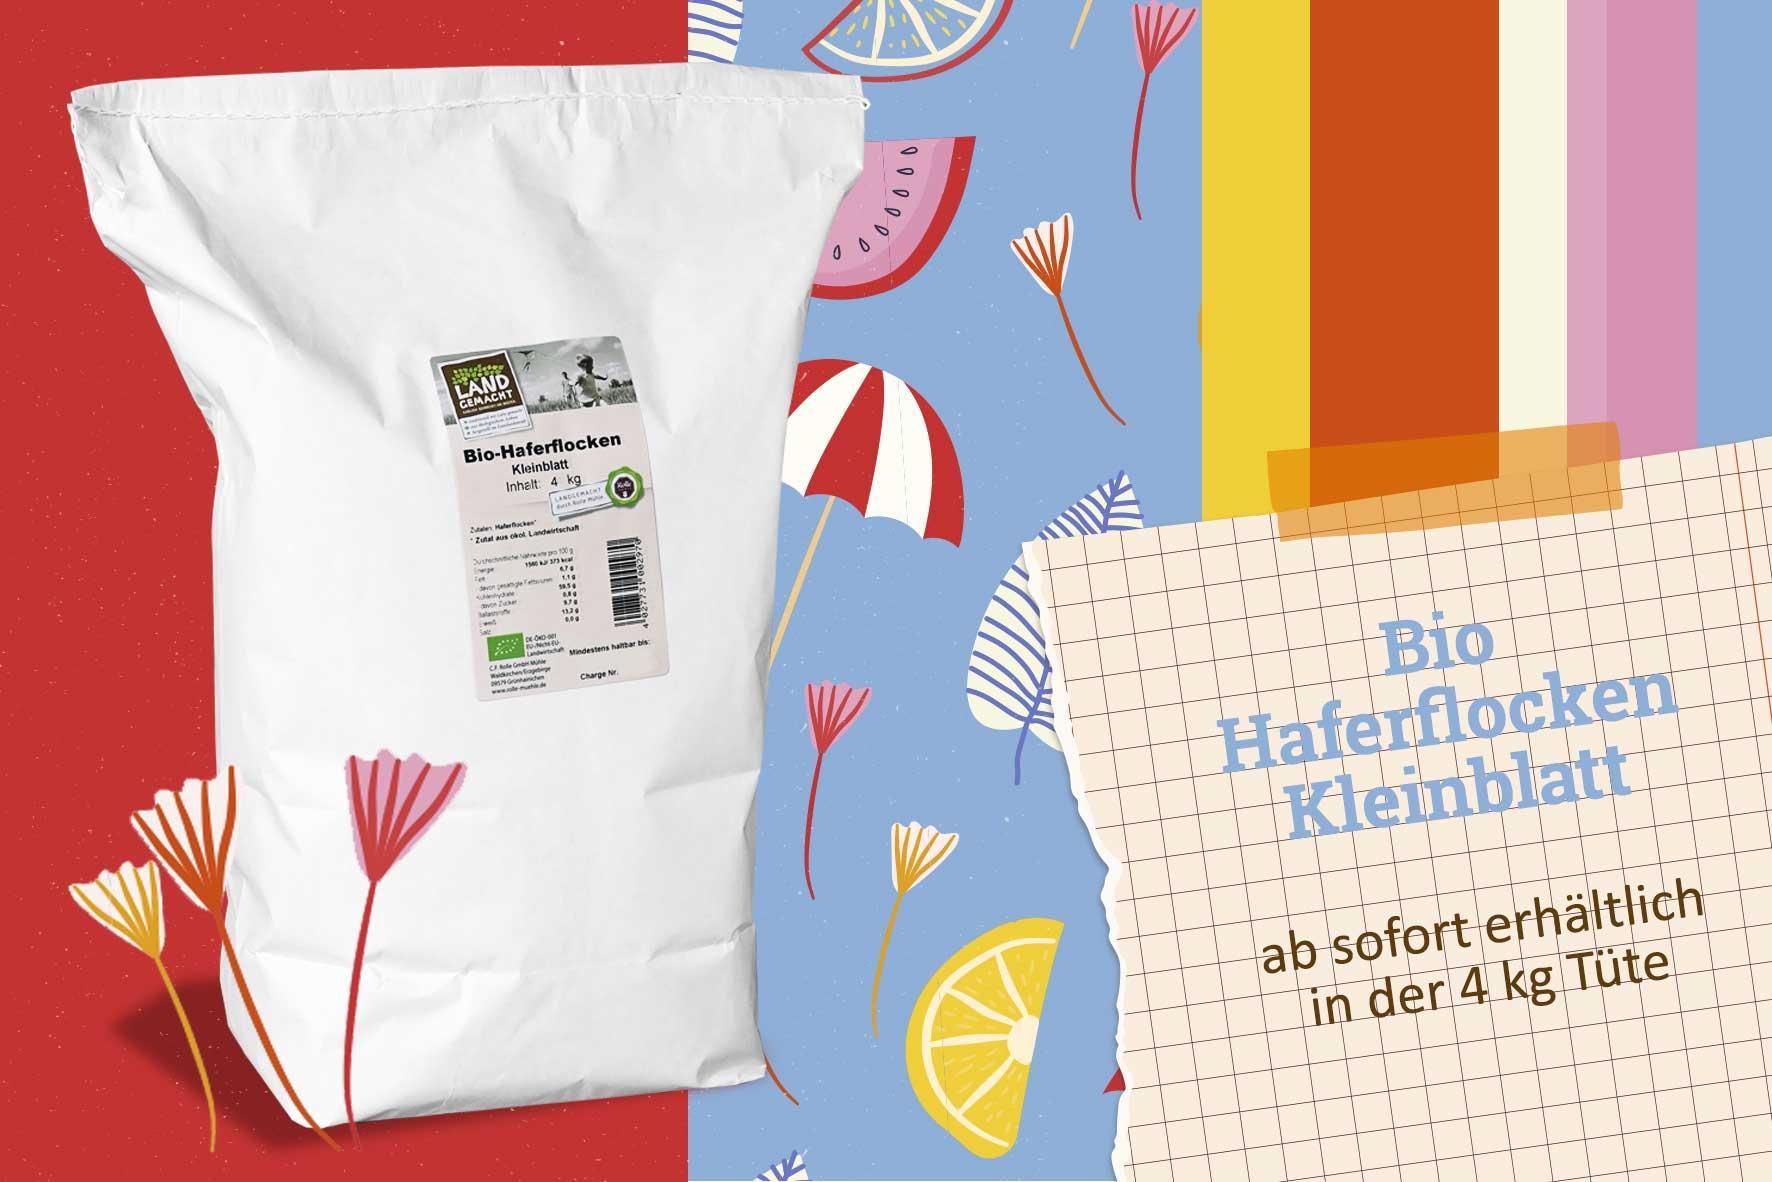 Bio Haferflocken Kleinblatt 4 kg Rolle Mühle